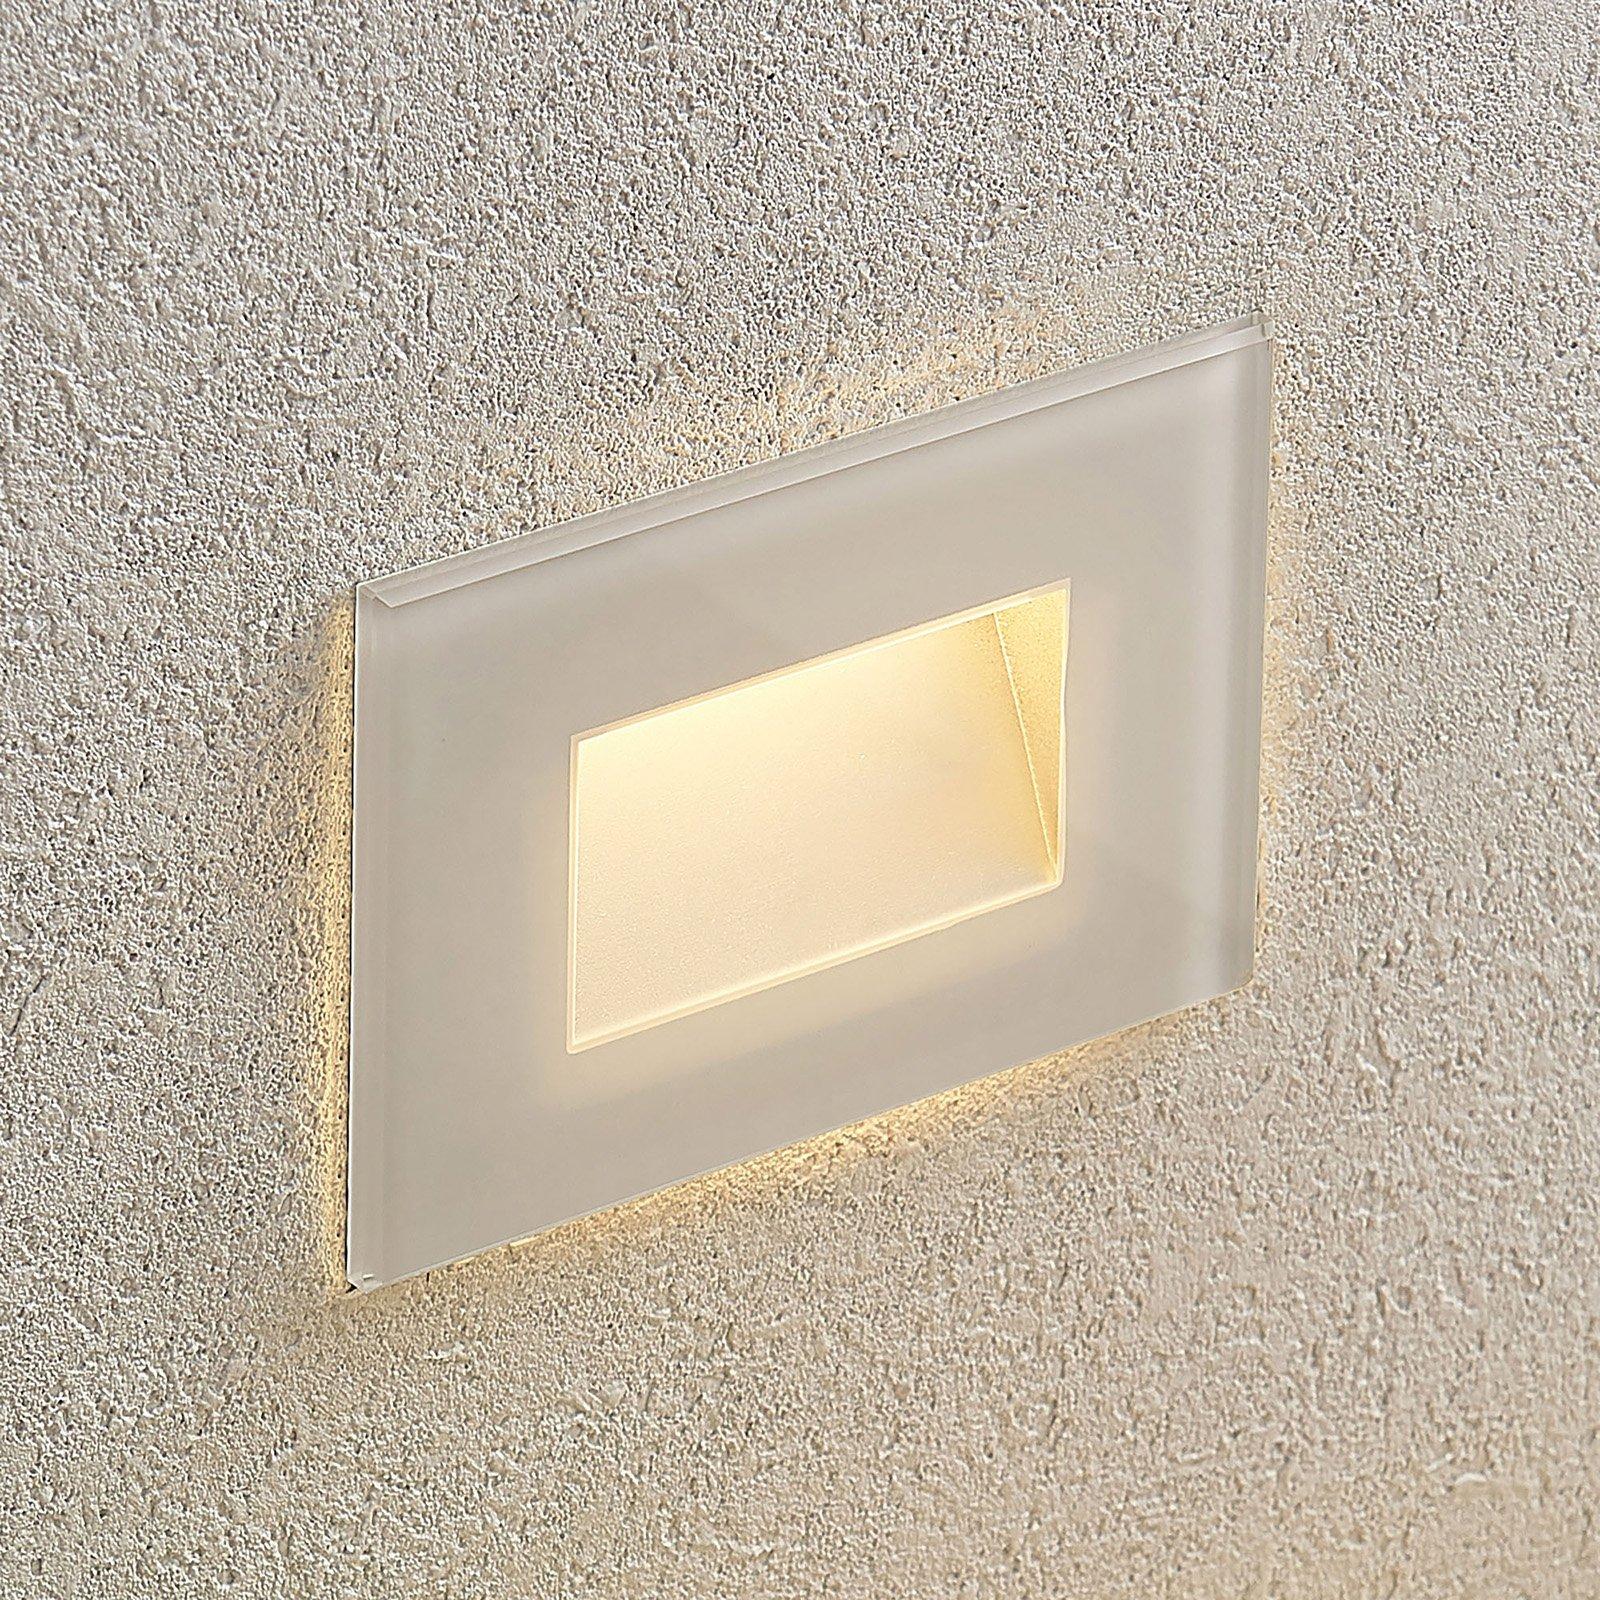 LED innfelt vegglampe Jody, 12 cm, polykarbonat